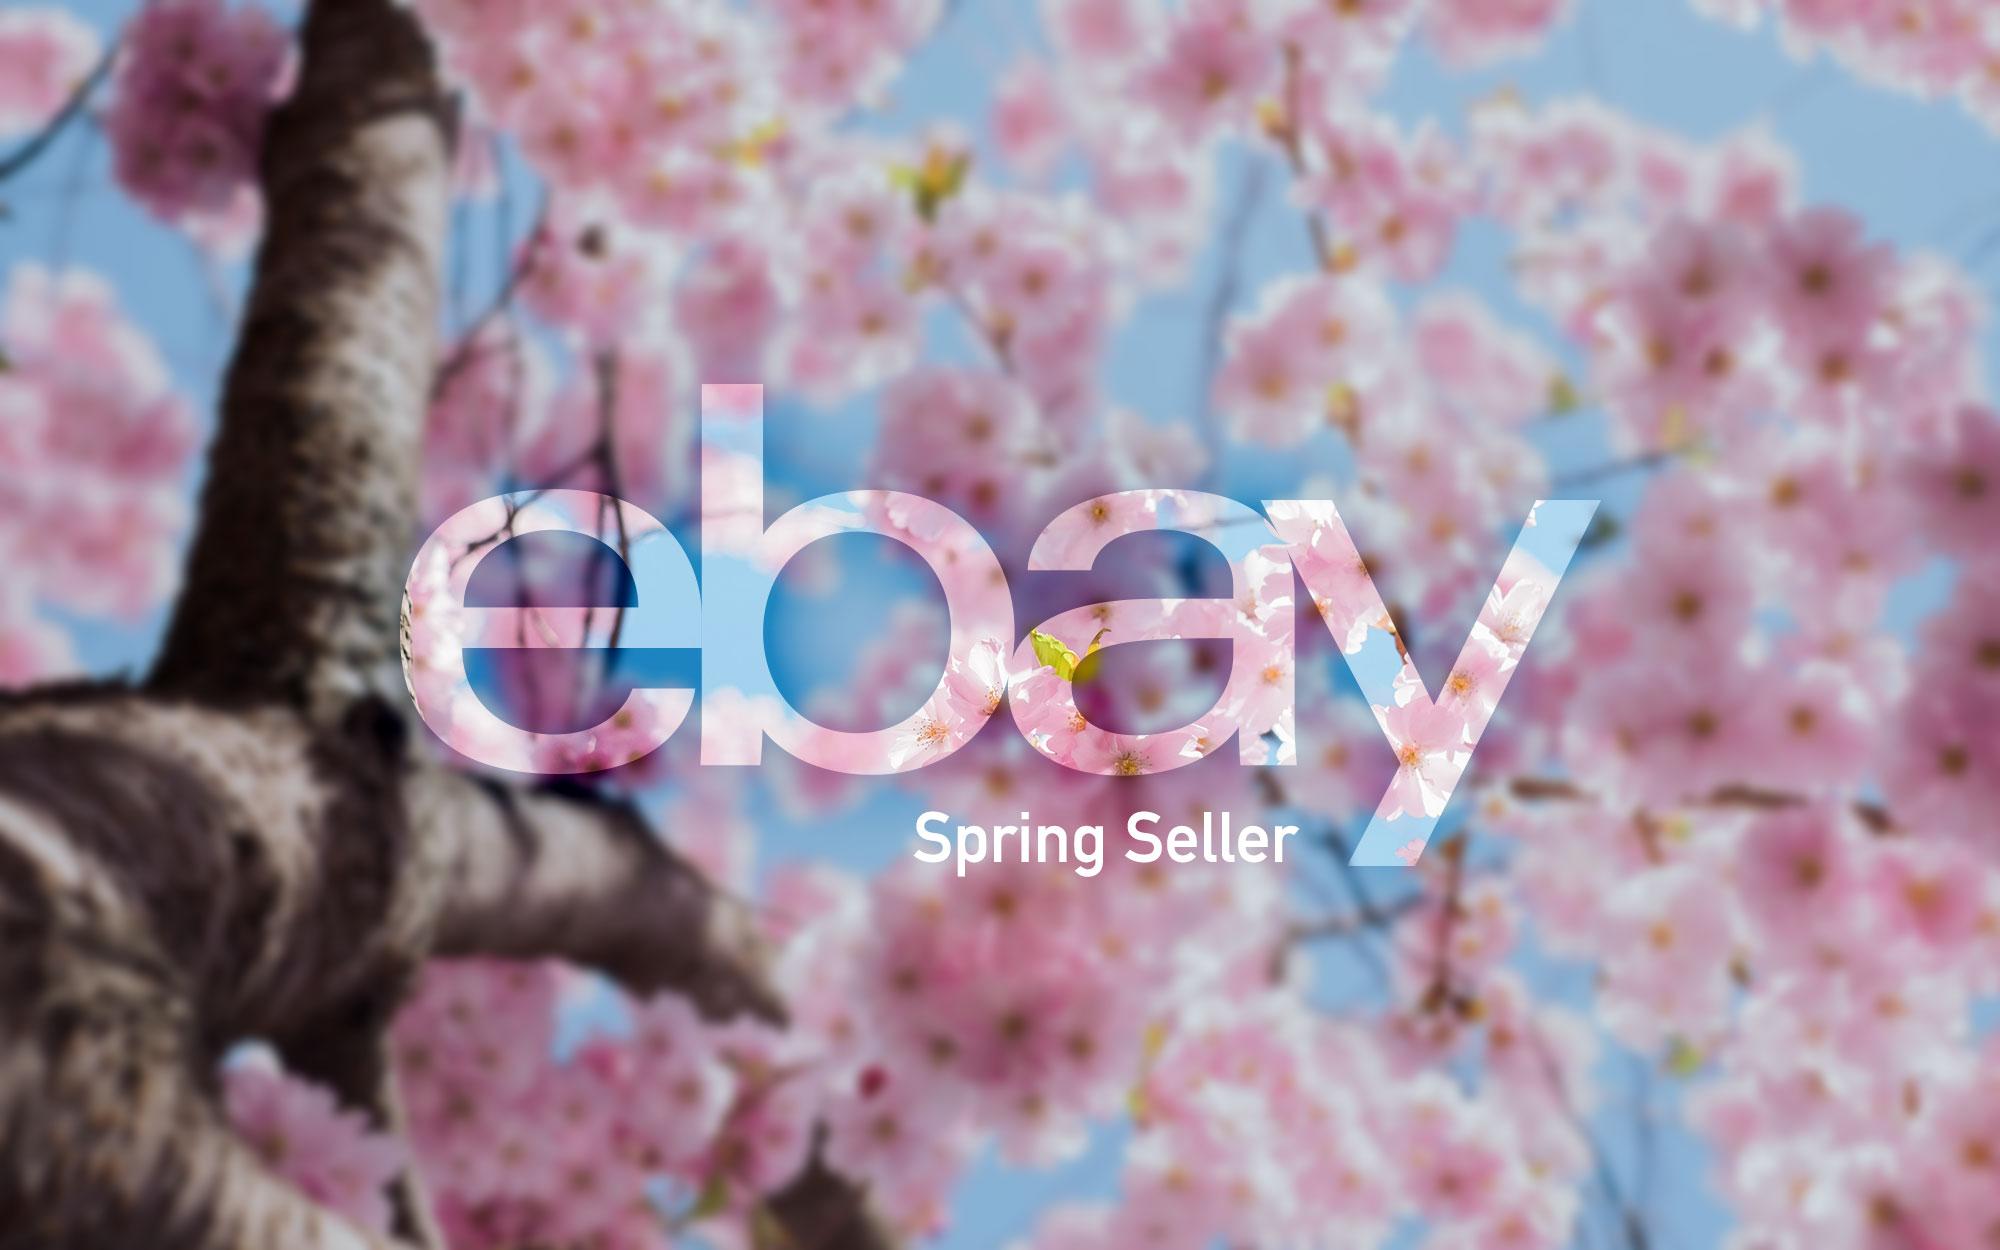 eBay's Spring Seller Update